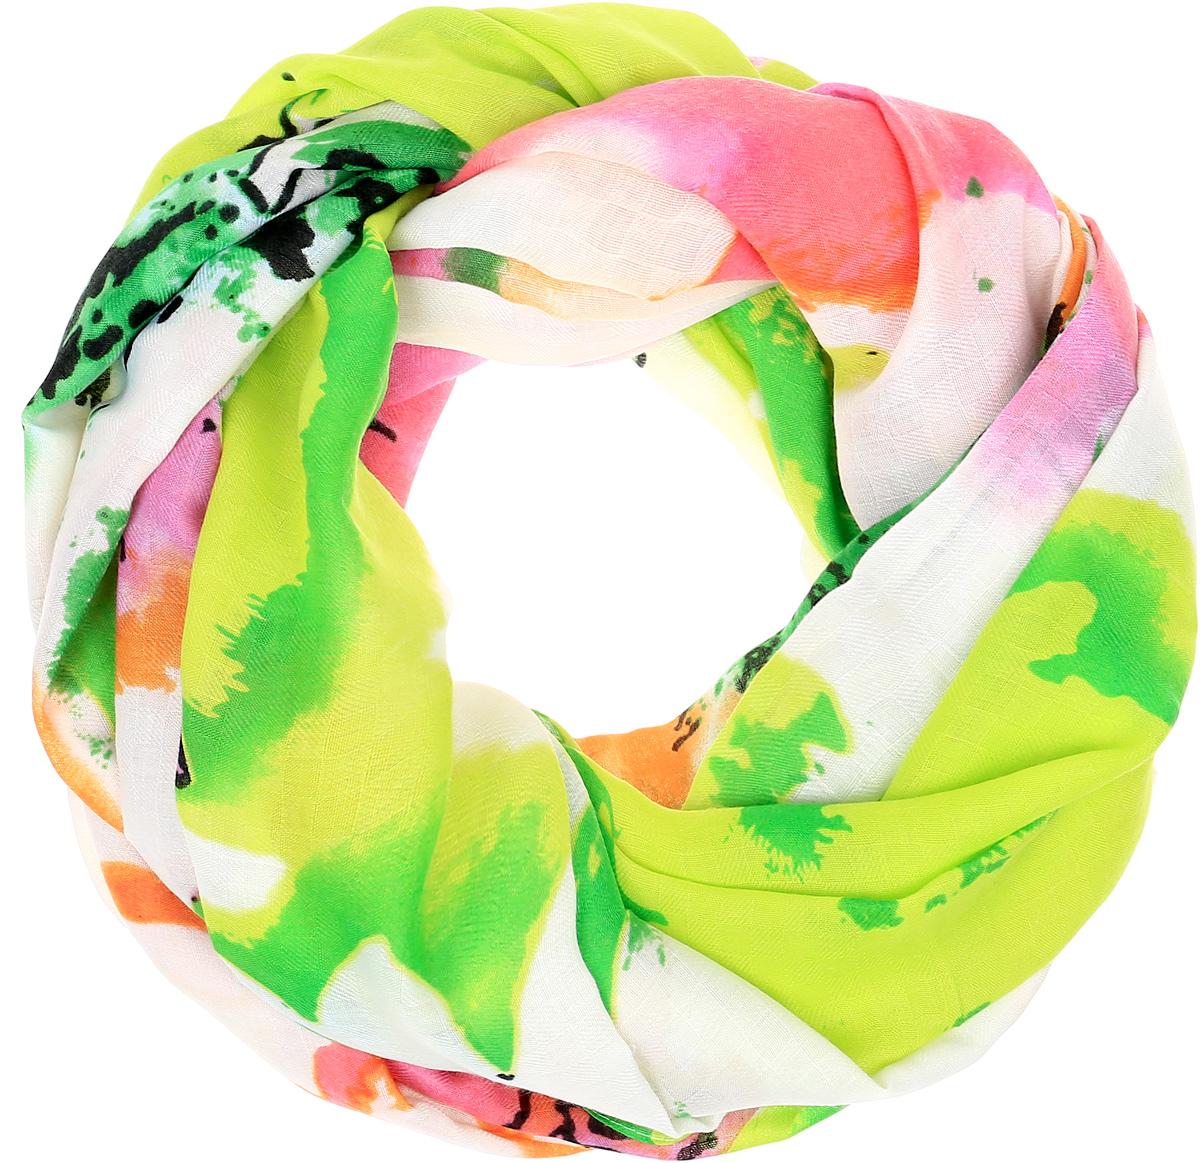 Палантин Sophie Ramage, цвет: салатовый, белый, розовый. YY-21665-24. Размер 100 см х 200 смYY-21665-24Элегантный палантин Sophie Ramage станет достойным завершением вашего образа. Палантин изготовлен из высококачественного модала. Оформлена модель стильным цветочным принтом. Палантин красиво драпируется, он превосходно дополнит любой наряд и подчеркнет ваш изысканный вкус. Легкий и изящный палантин привнесет в ваш образ утонченность и шарм.